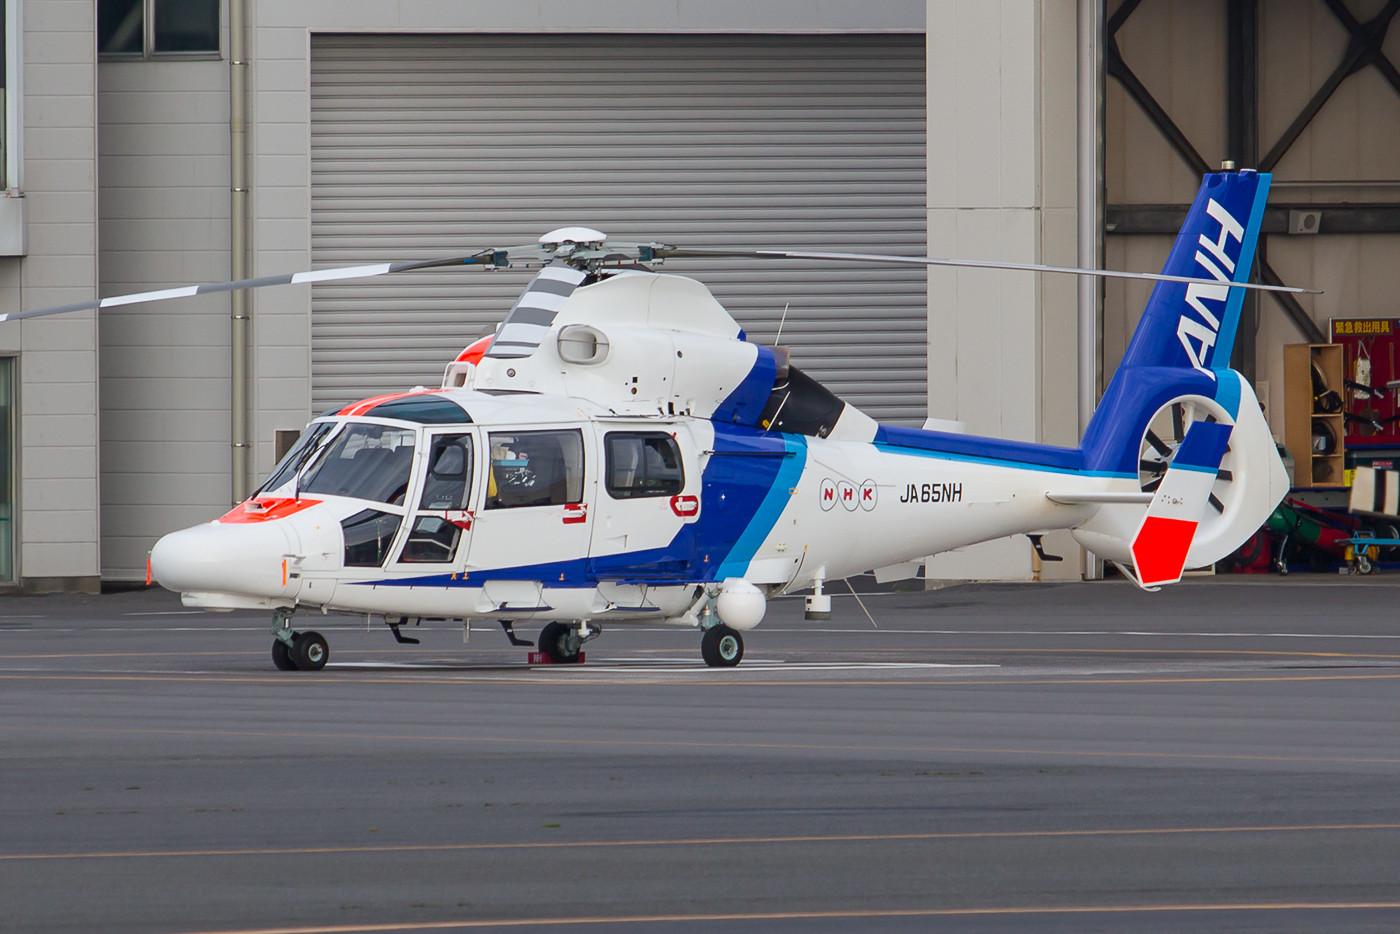 AS-365 N3 der ANH, sie ist mit Kaeras bestückt und fliegt für den japanischen Fernsehsender NHK.